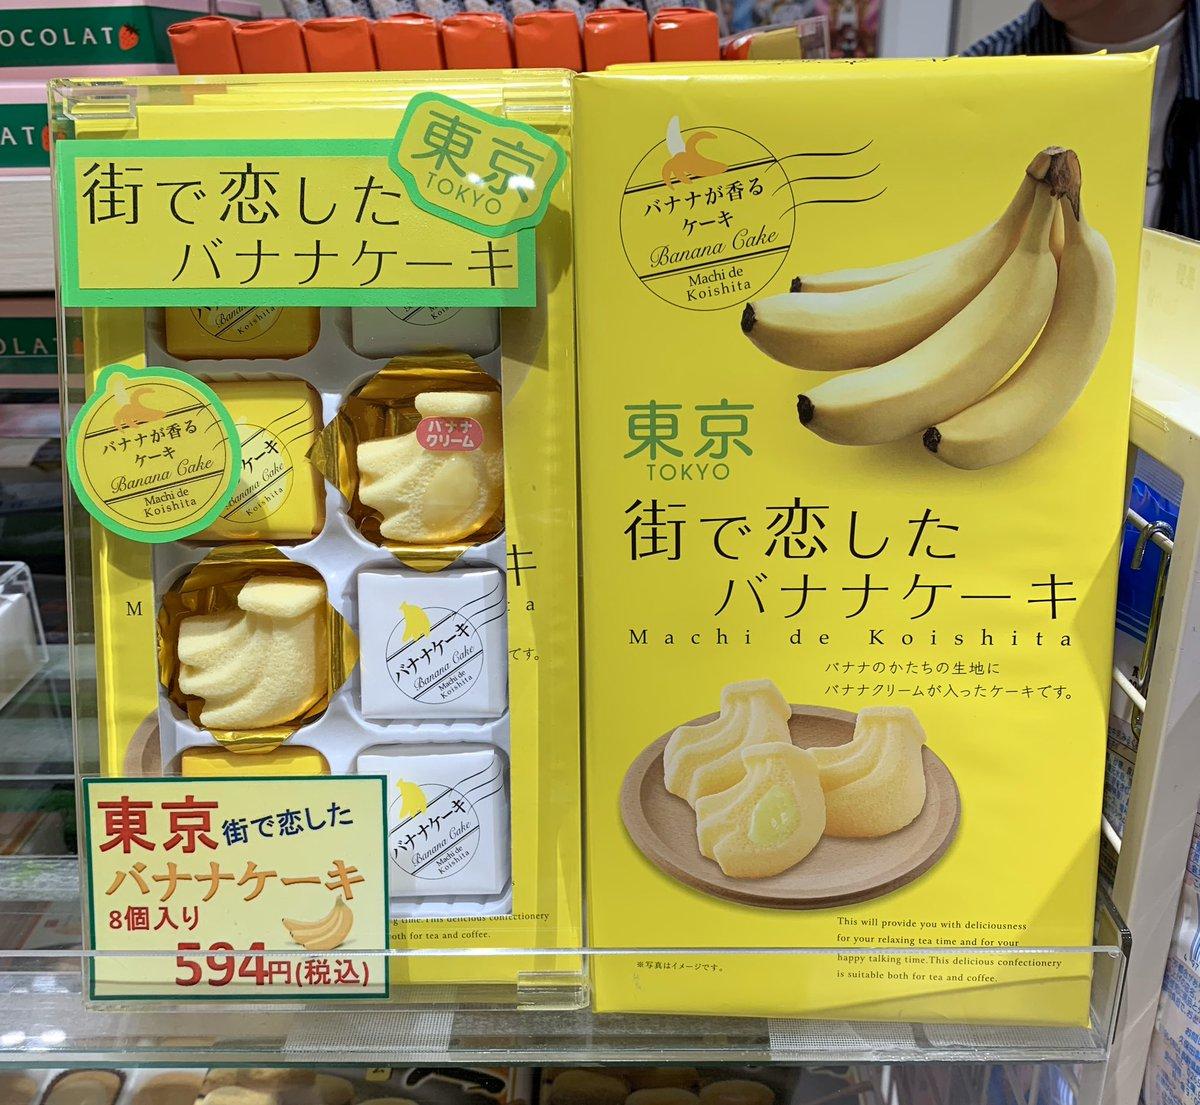 test ツイッターメディア - 東京ばな奈と間違いそうになった🍌しかも大阪のお菓子だ😅 https://t.co/AmLLcdjvyl